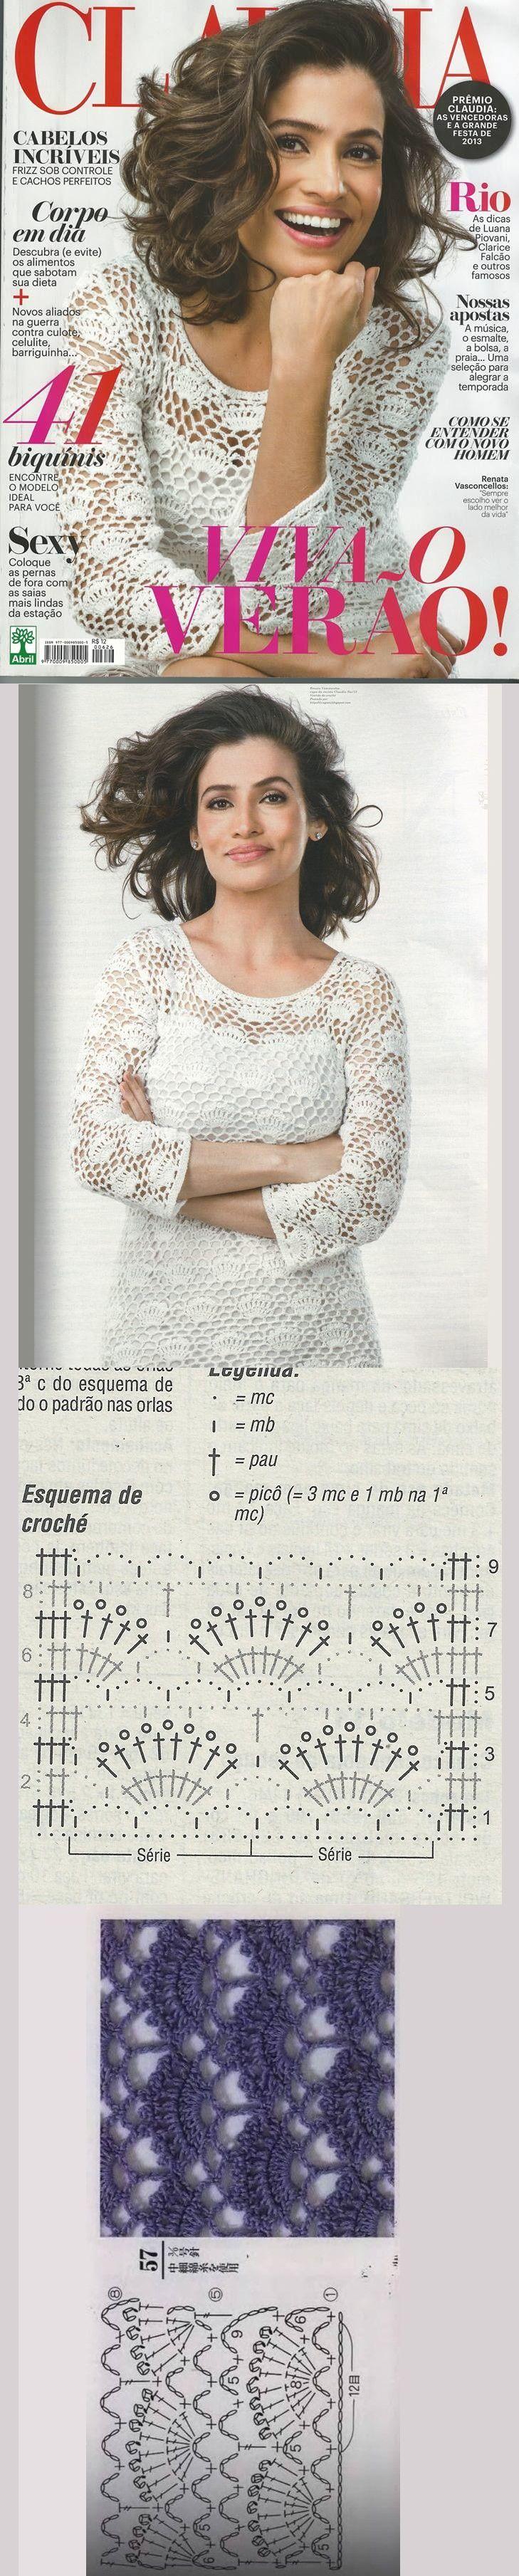 Renata Vasconcelos usando um vestido de crochê Lindo!! na capa da revista Claudia Nov/13.